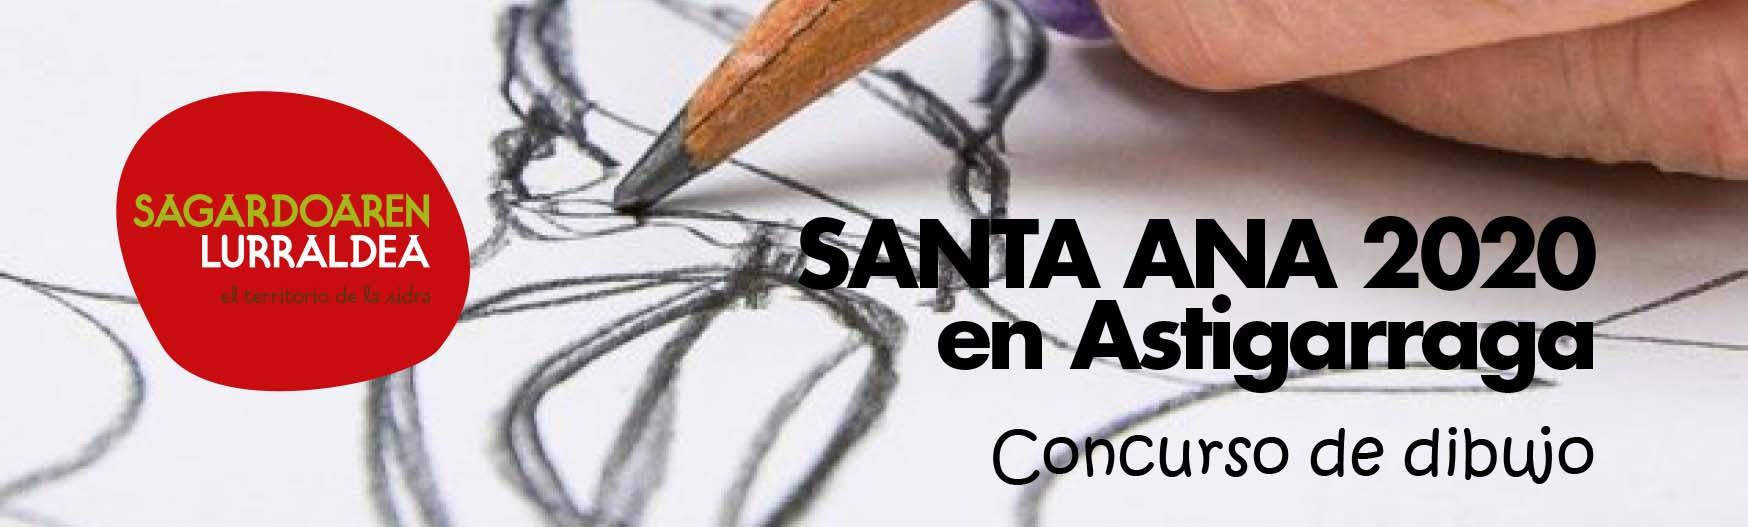 Concurso de dibujo de Santa Ana 2020 en Astigarraga